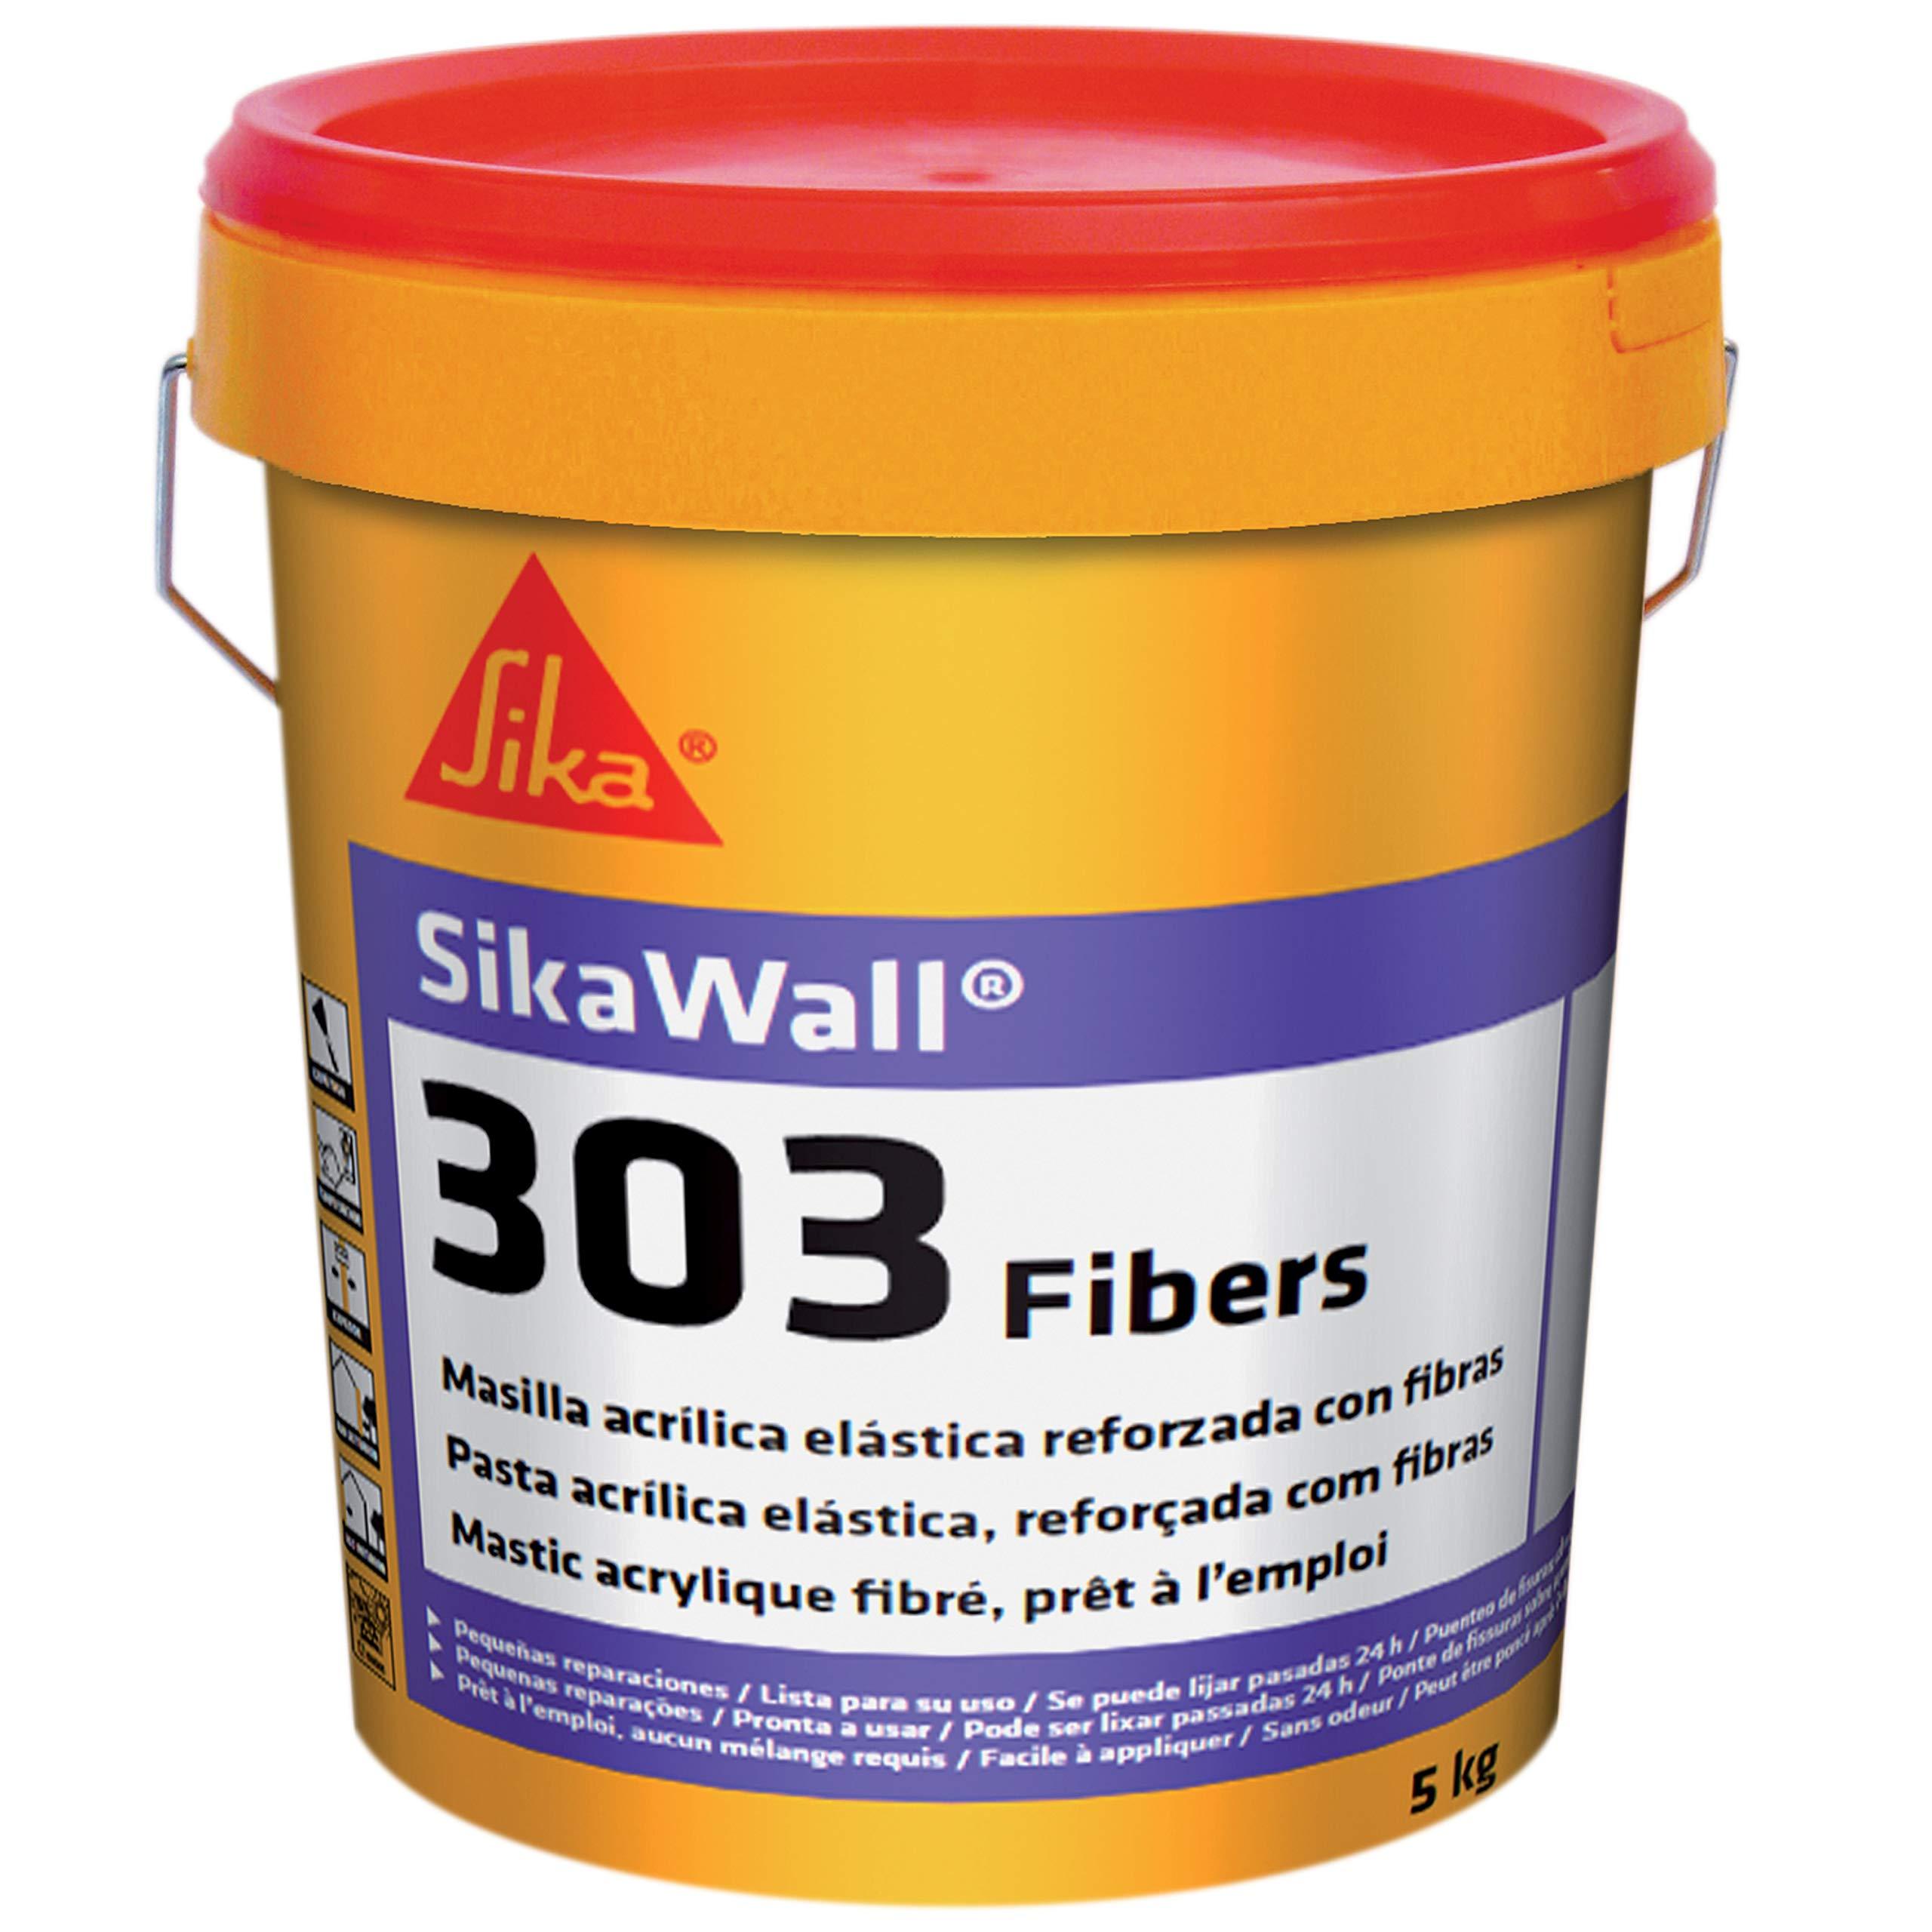 Sikawall-303 Fibers, Masilla fibra de vidrio, Blanco, 5kg product image